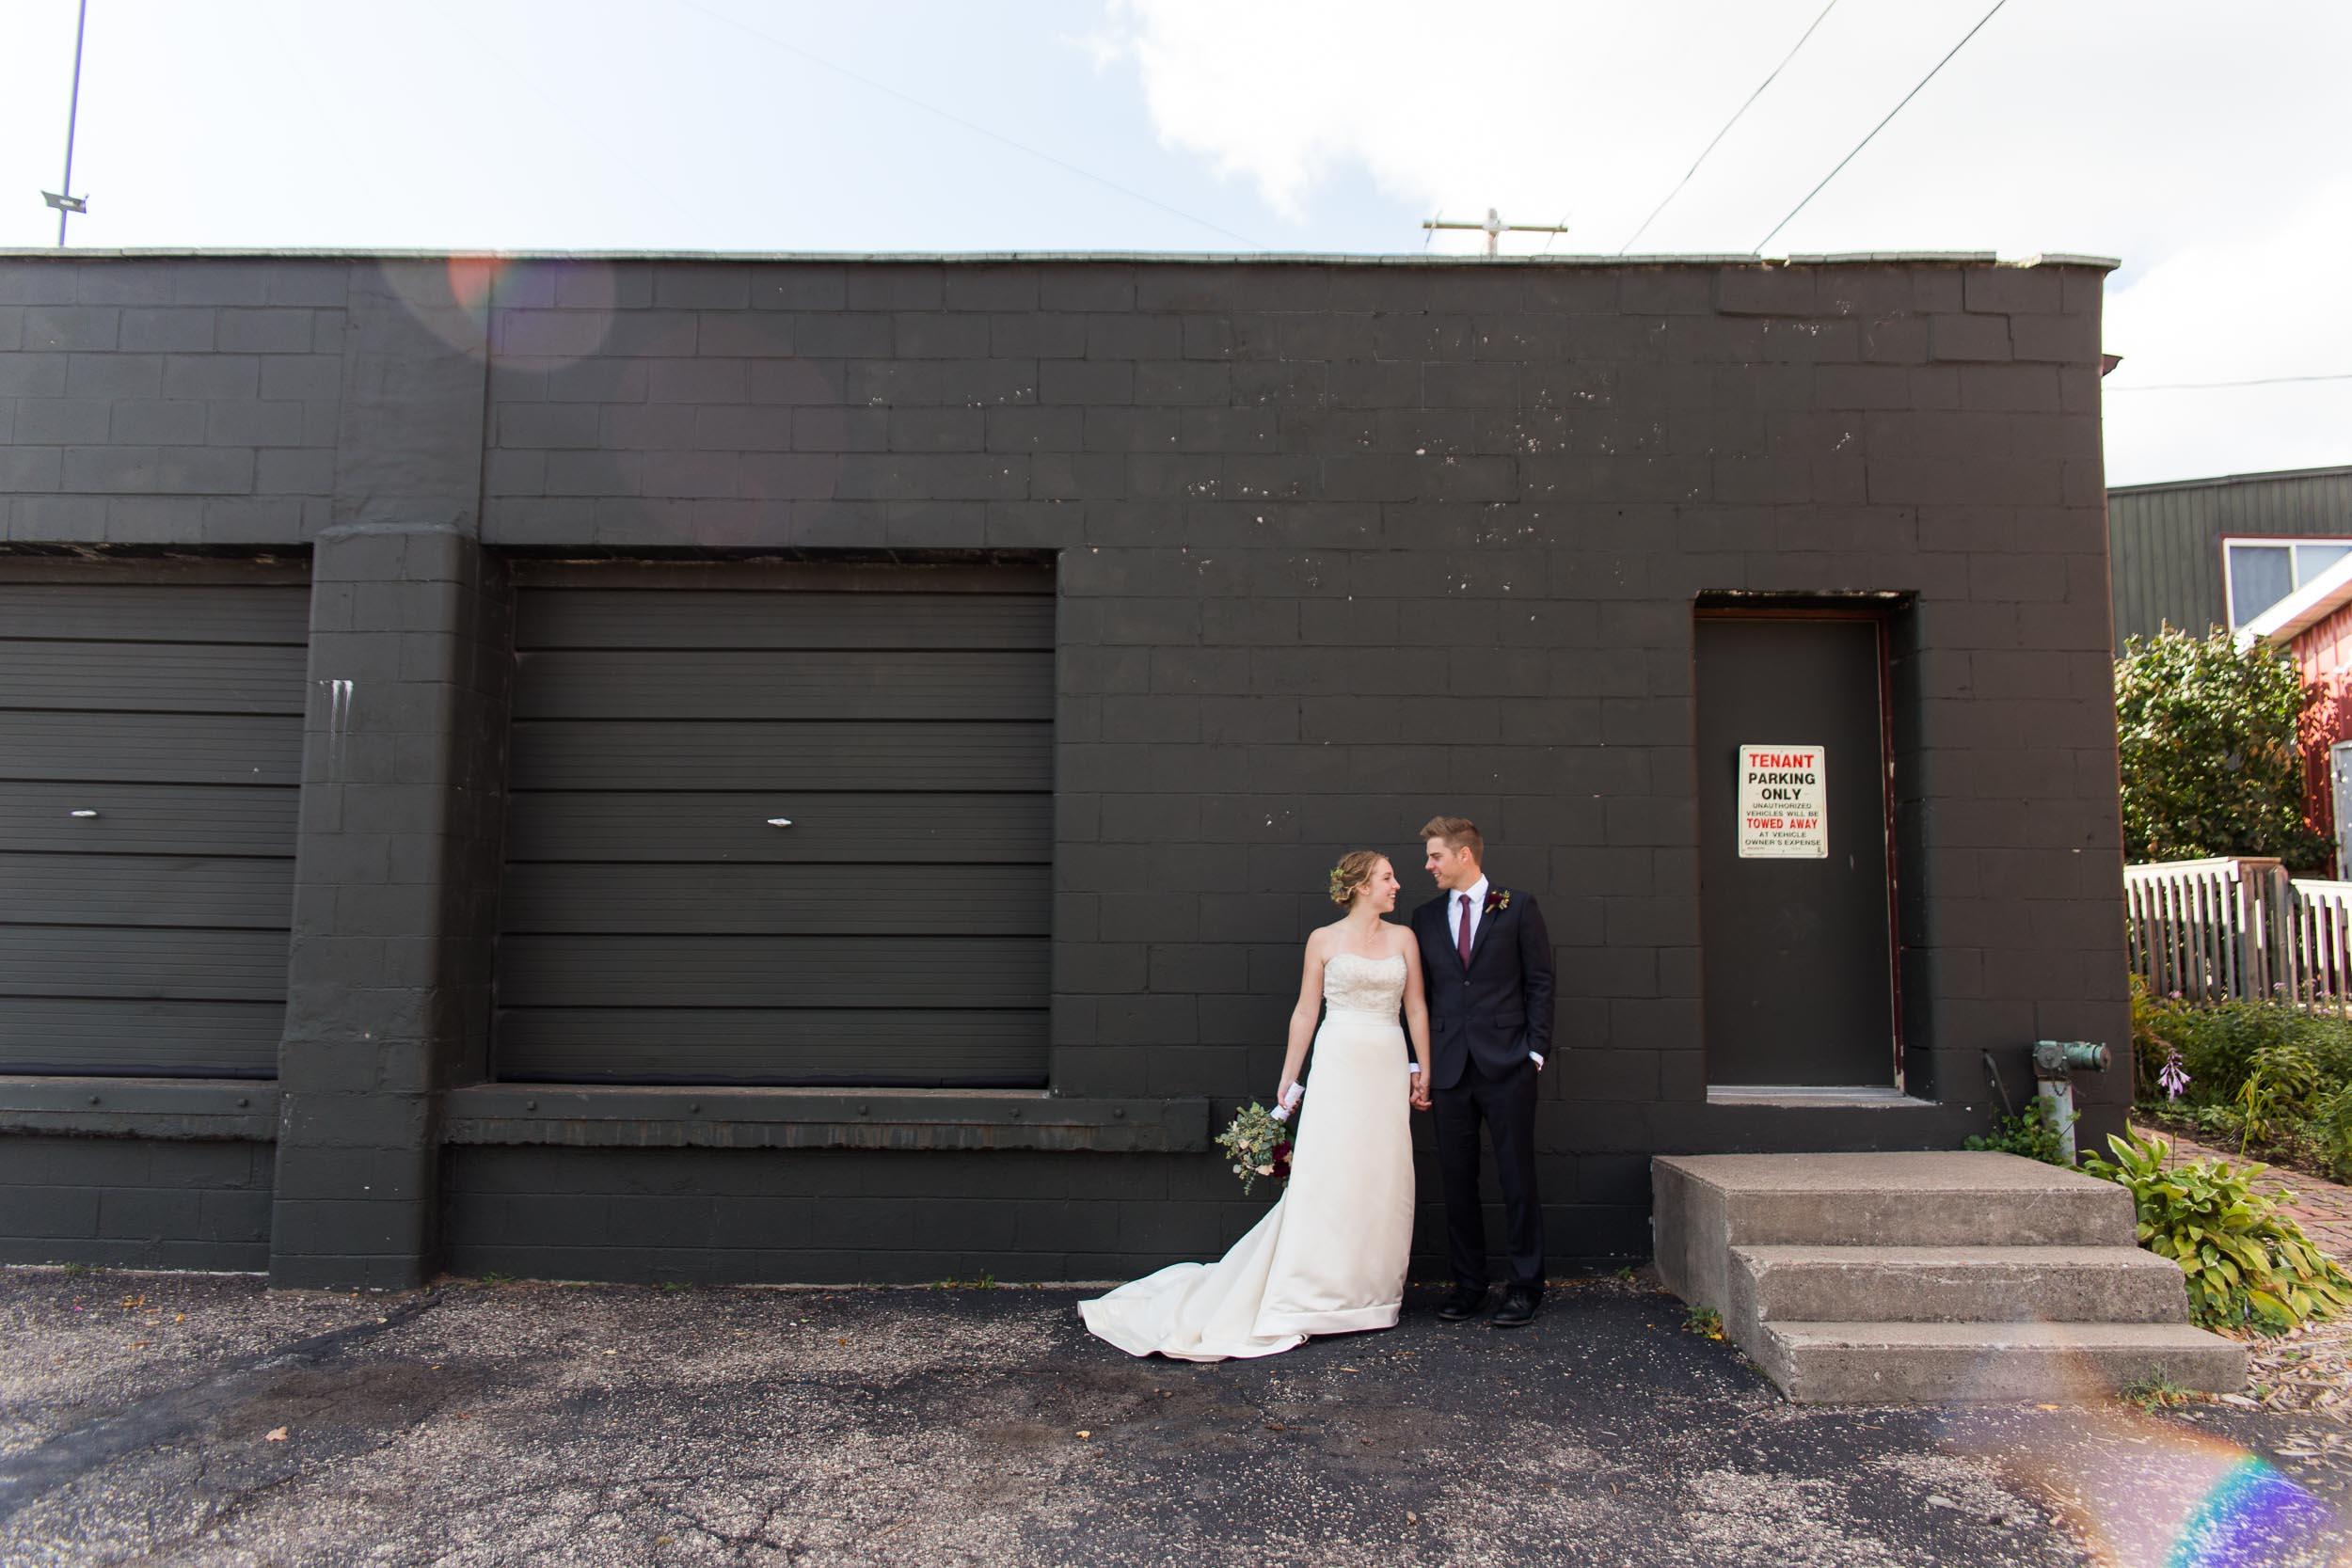 stevens point wedding